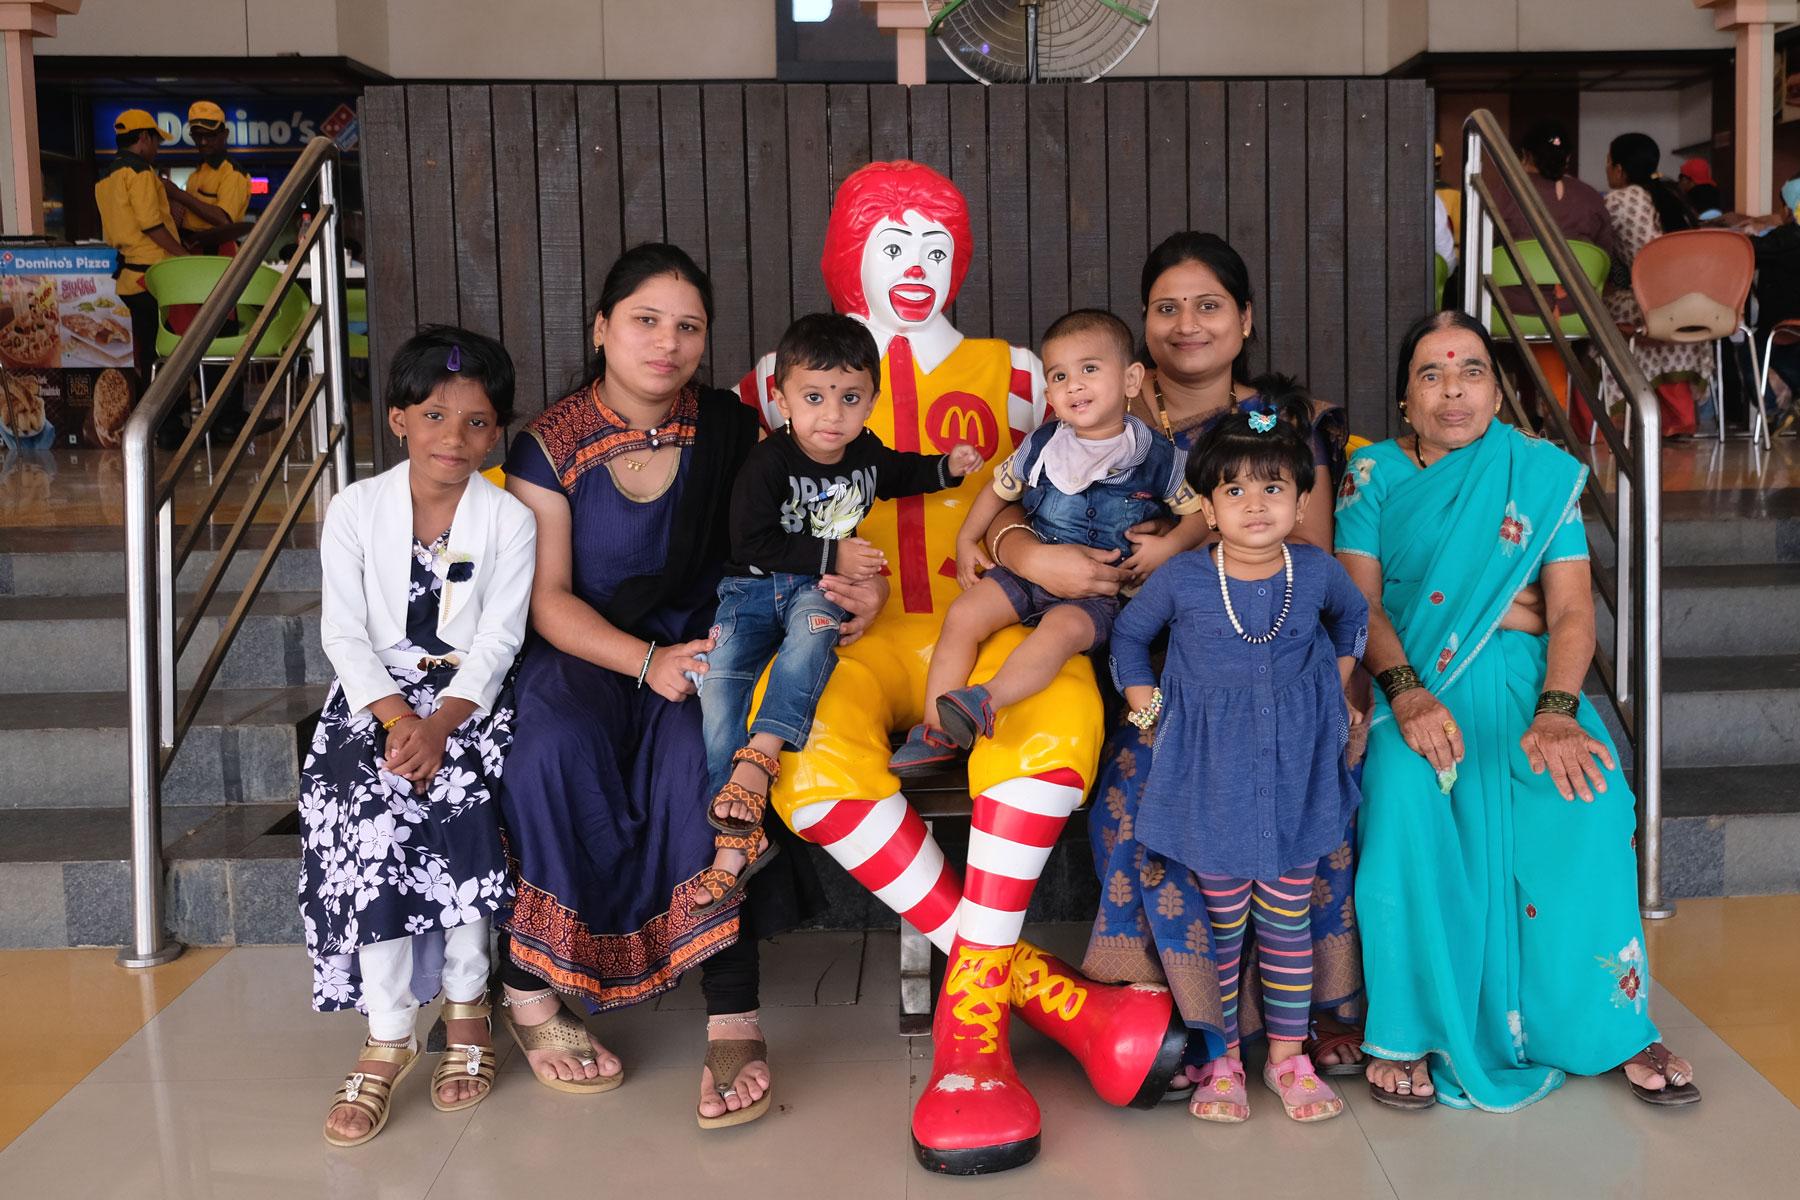 Eine indische Familie sitzt neben einer Figur von Ronald McDonald.